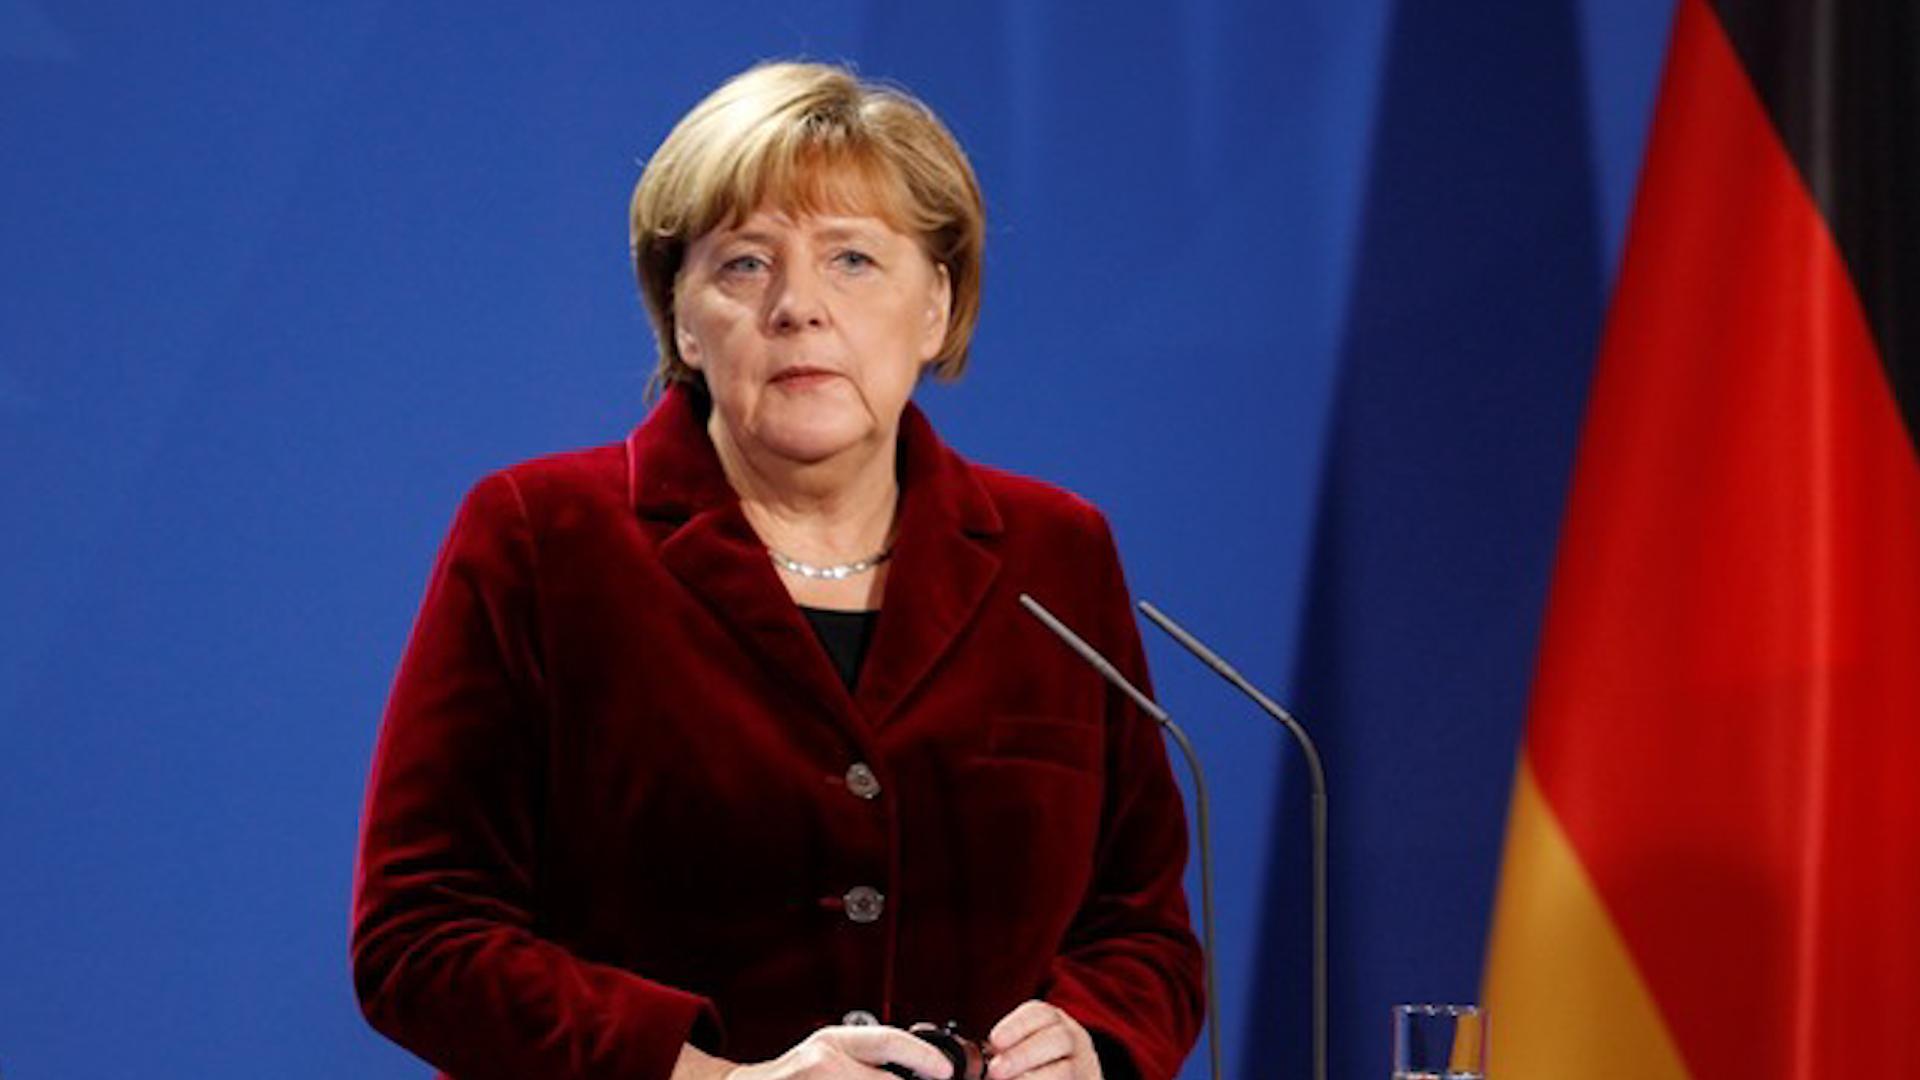 Photo of Merkel: divê bi pêşengtiya pedersen xebatên destûra Sûrî bidome